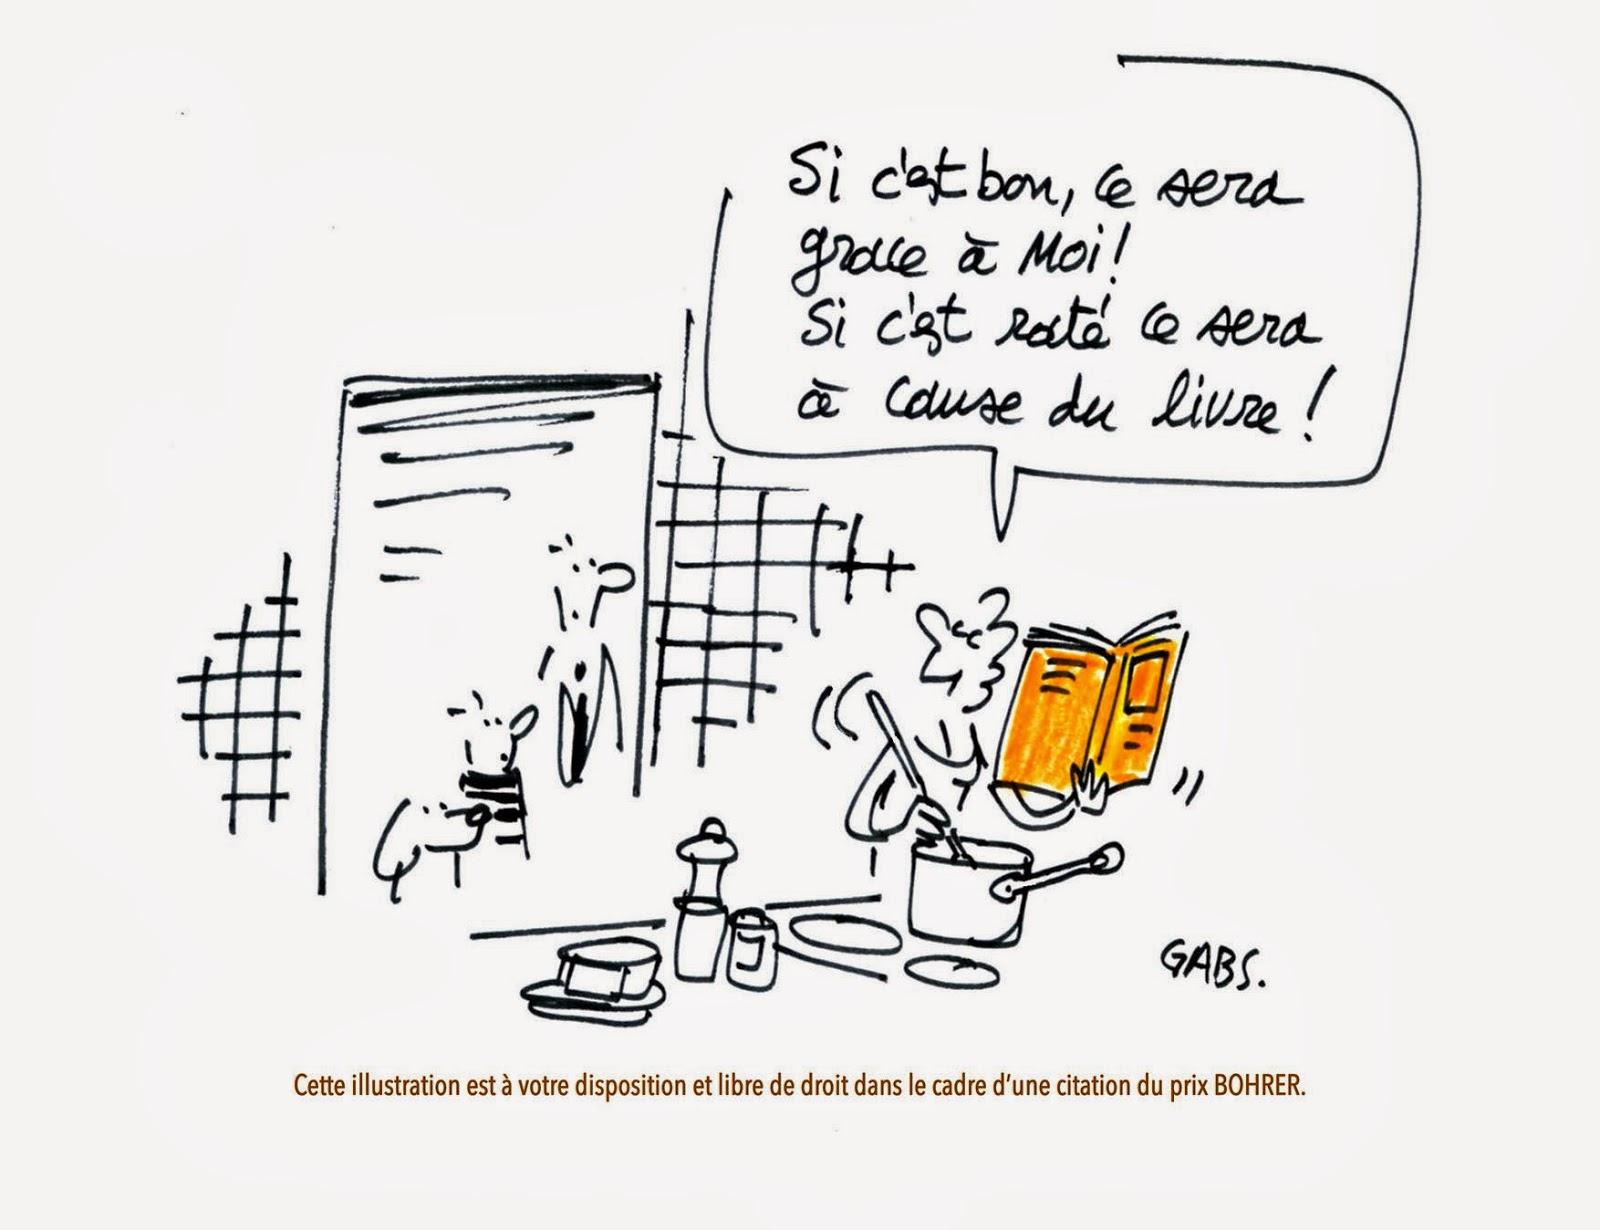 Dame skarlette prix bohrer 2013 meilleur livre de - Livre de cuisine francaise ...